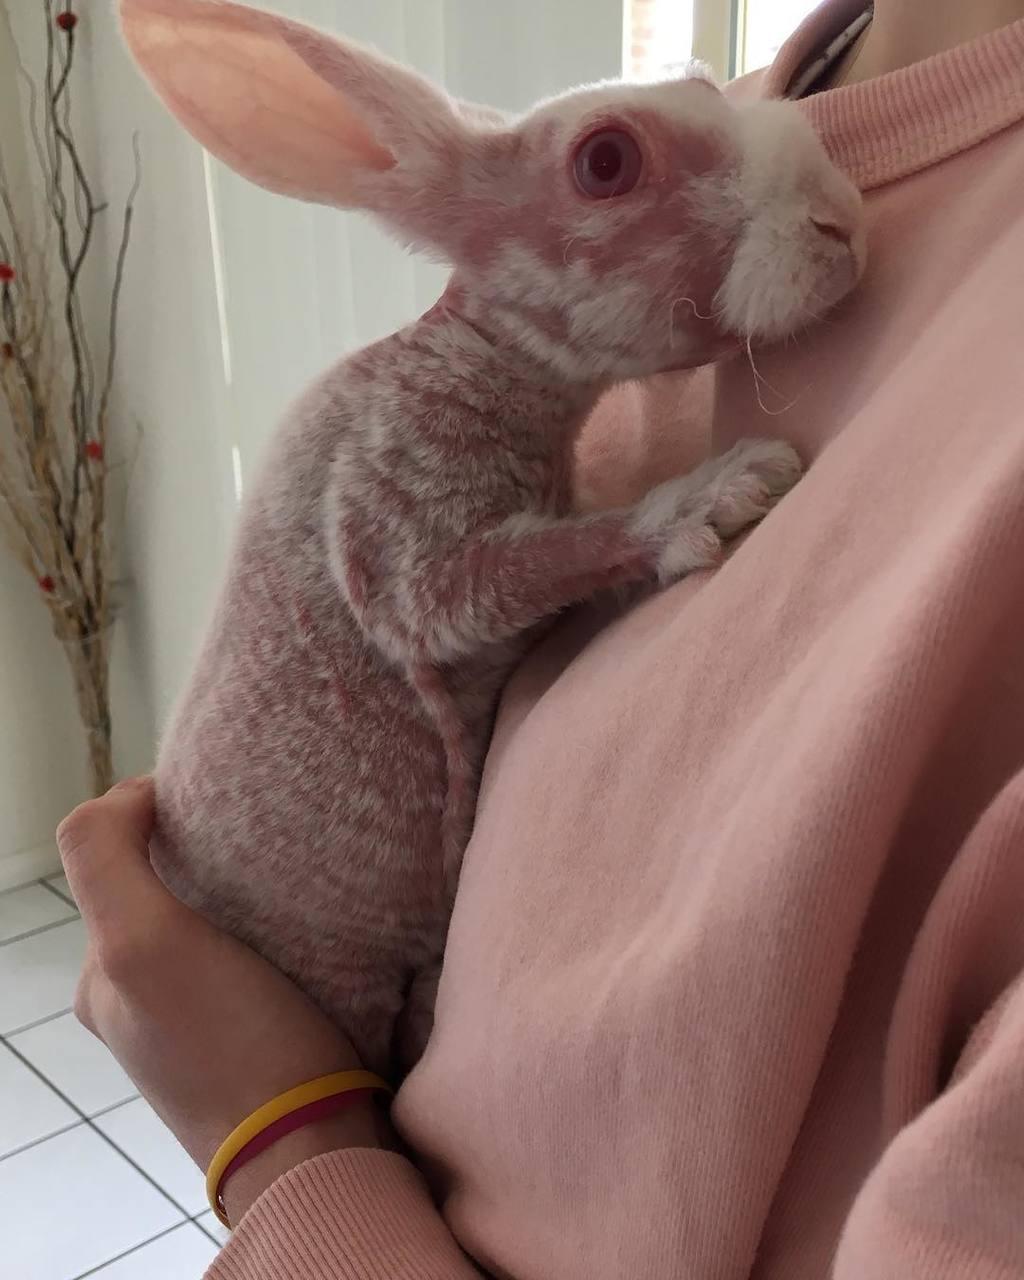 無毛兔曾經身上長出少量白毛毛。(圖片︰mrbigglesworthrabbit IG)